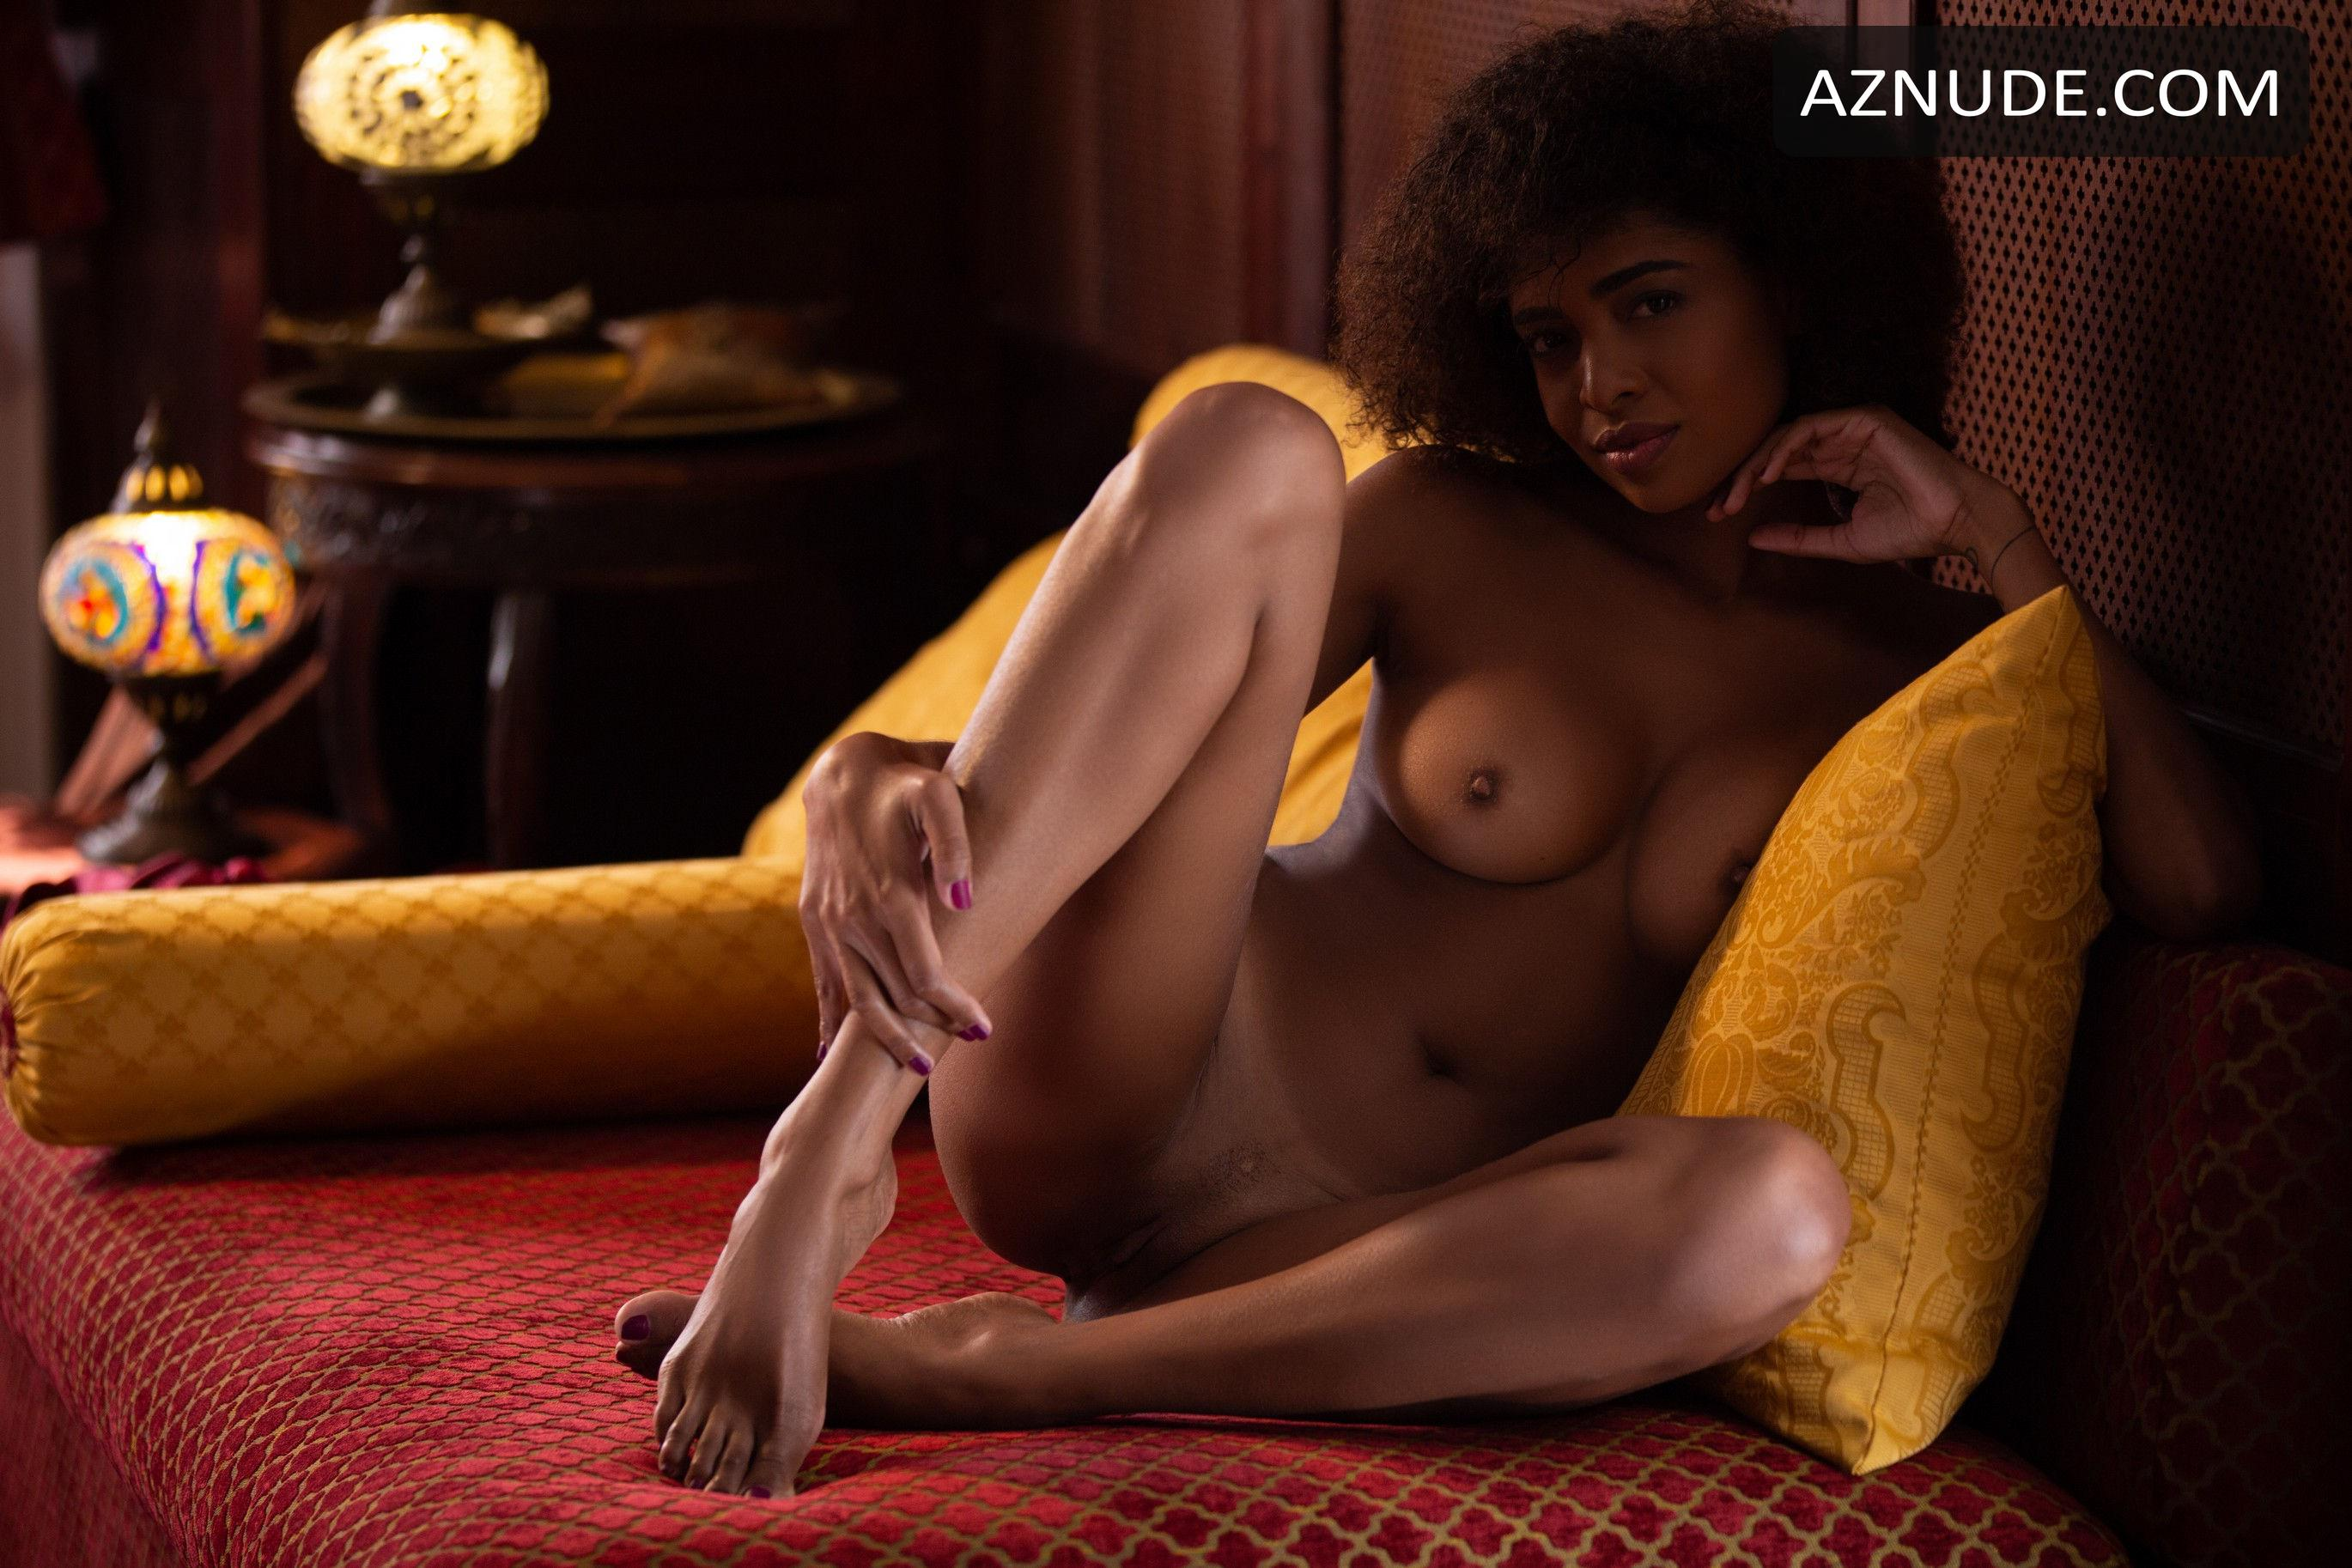 Bruna Rocha Nude And Sexy For Playboy Magazine - Aznude-3621